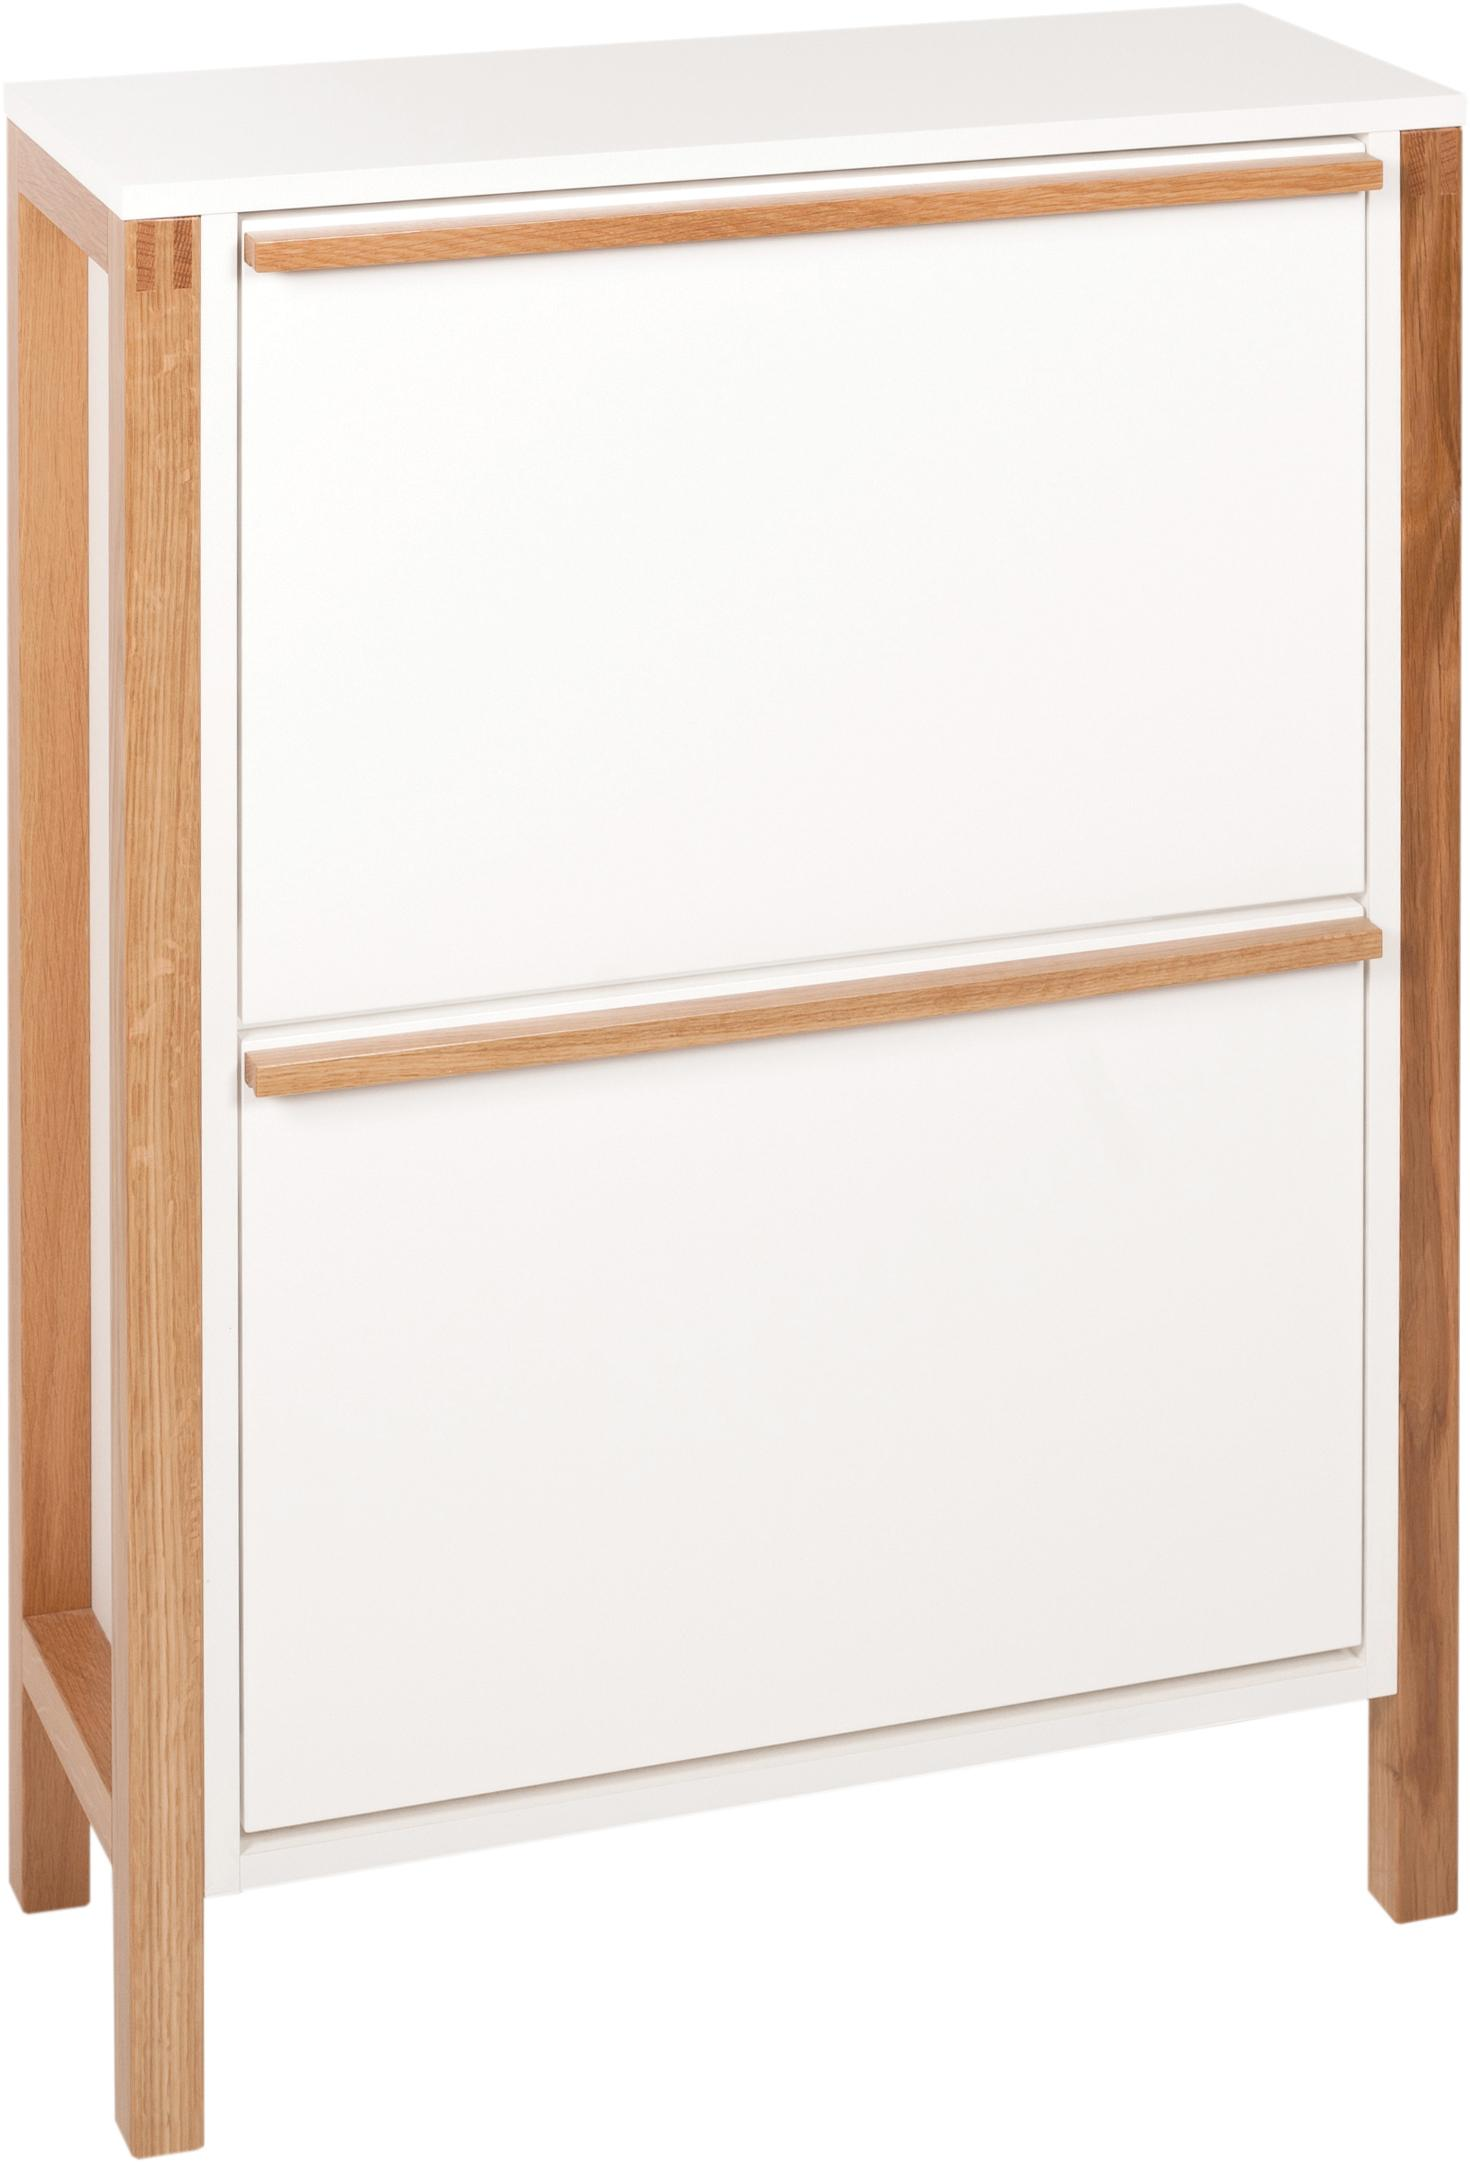 Schoenenkast Northgate met 2 vakken, Wit, eikenhoutkleurig, 65 x 93 cm